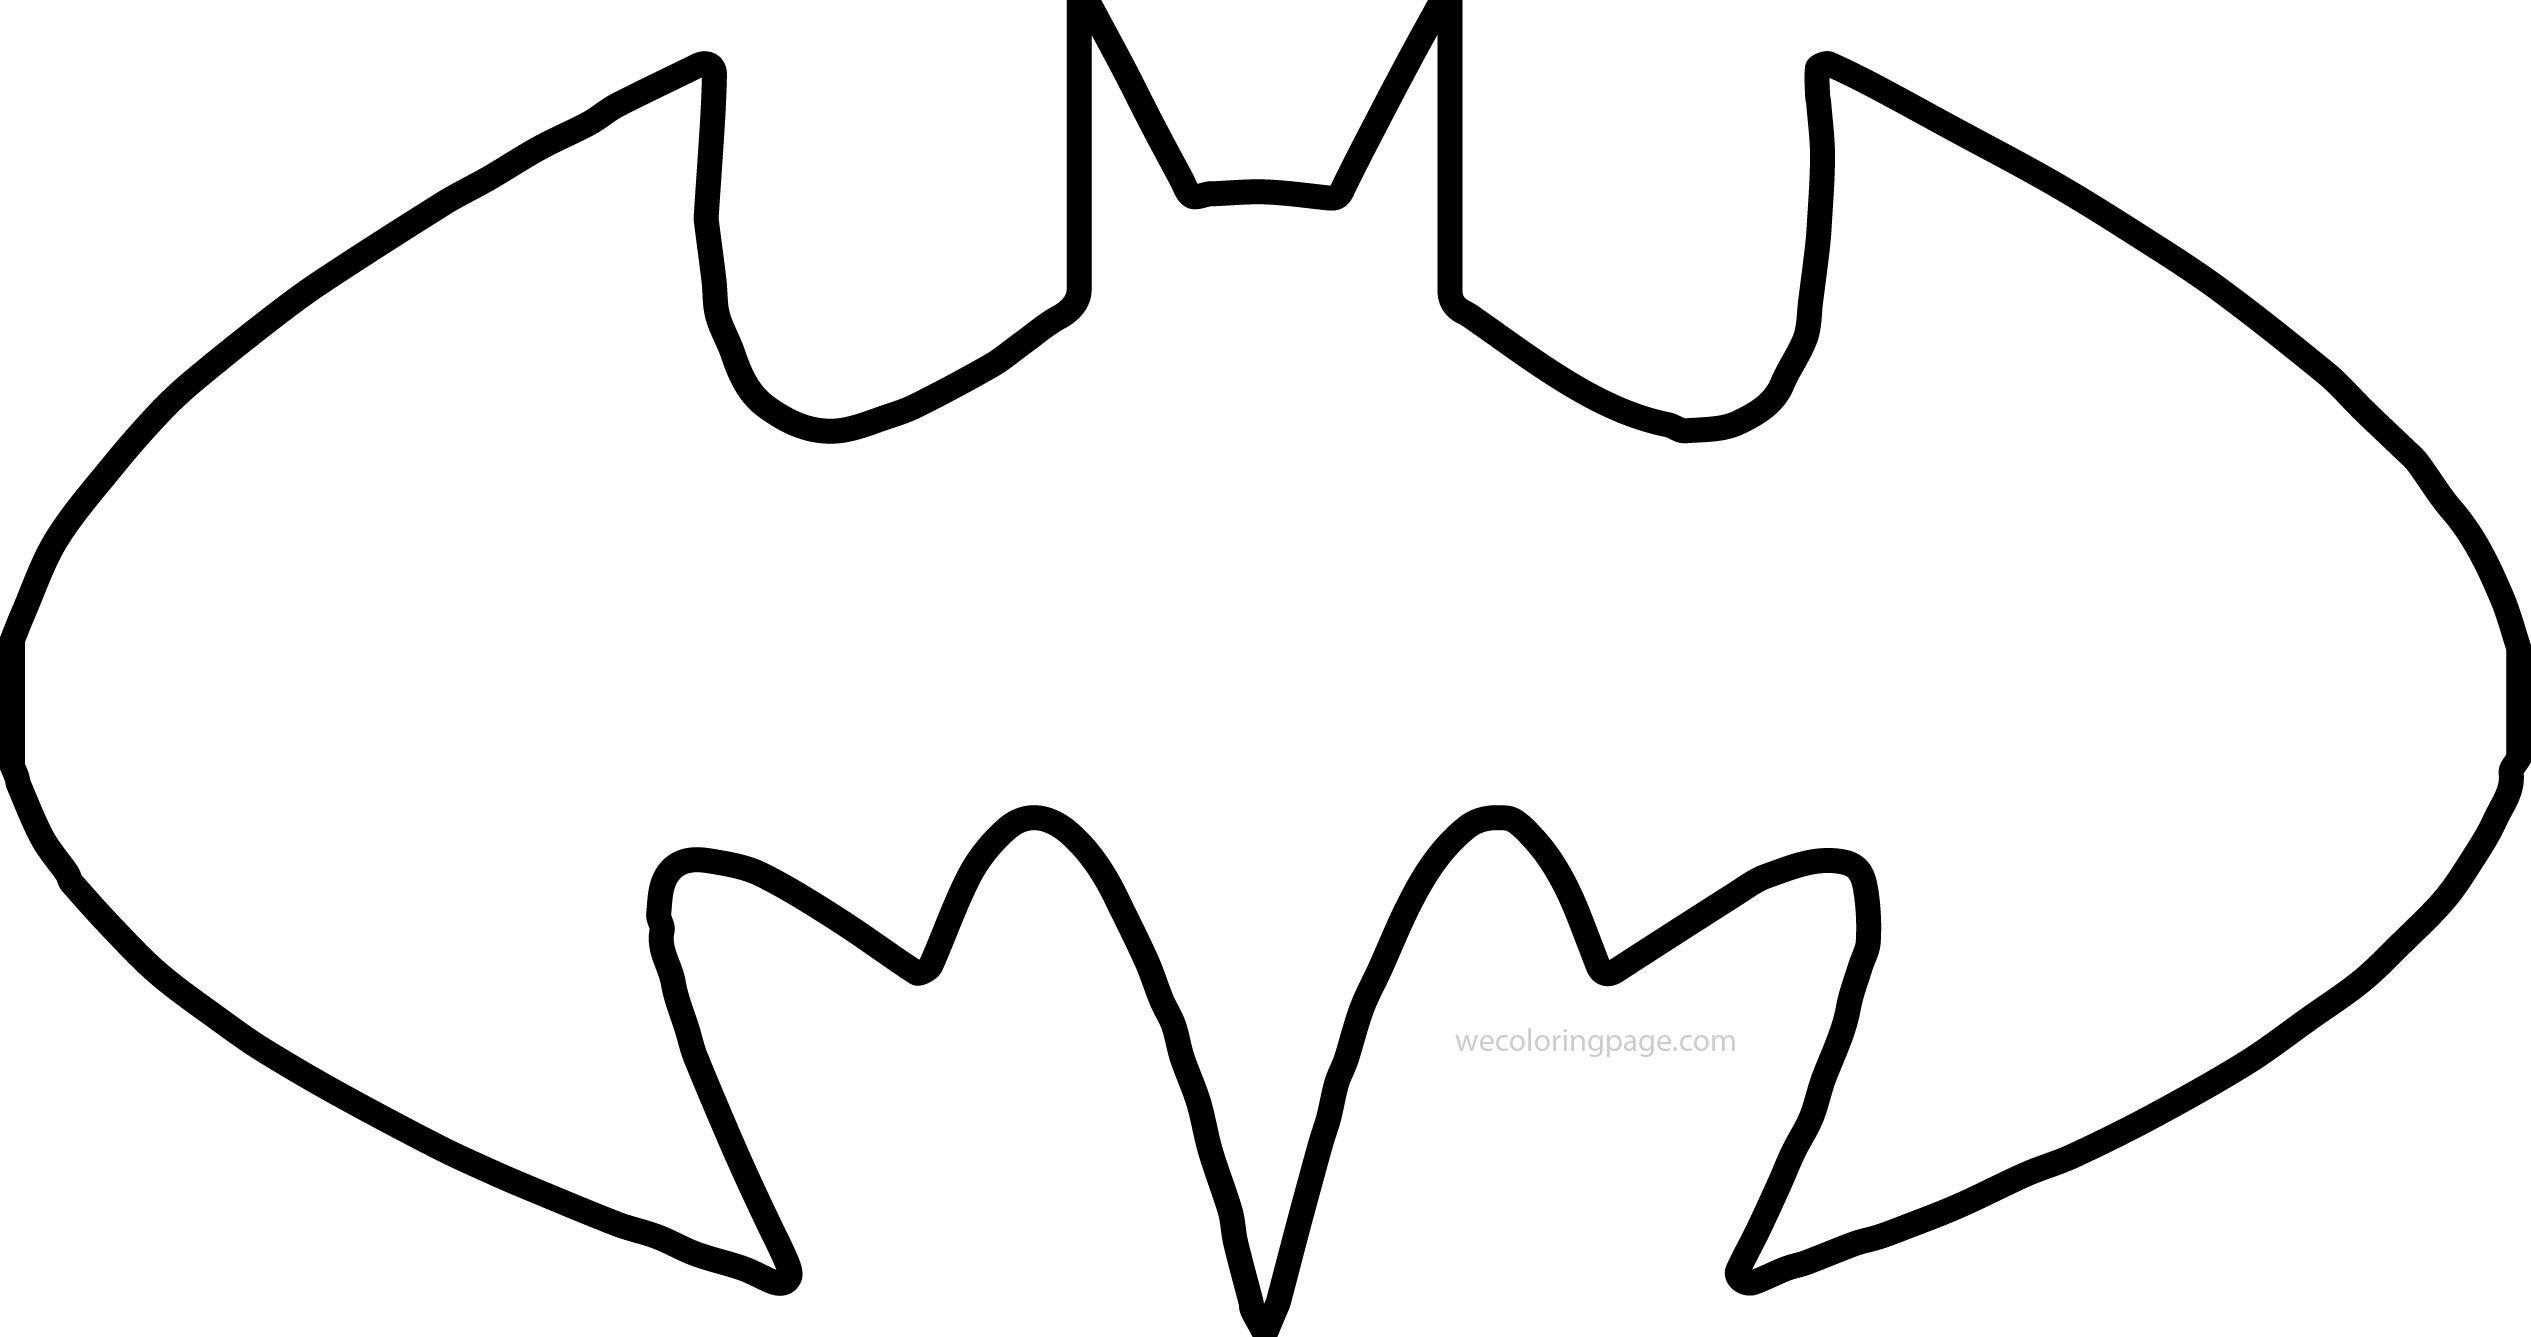 batman outline Batman shape outline coloring page ...